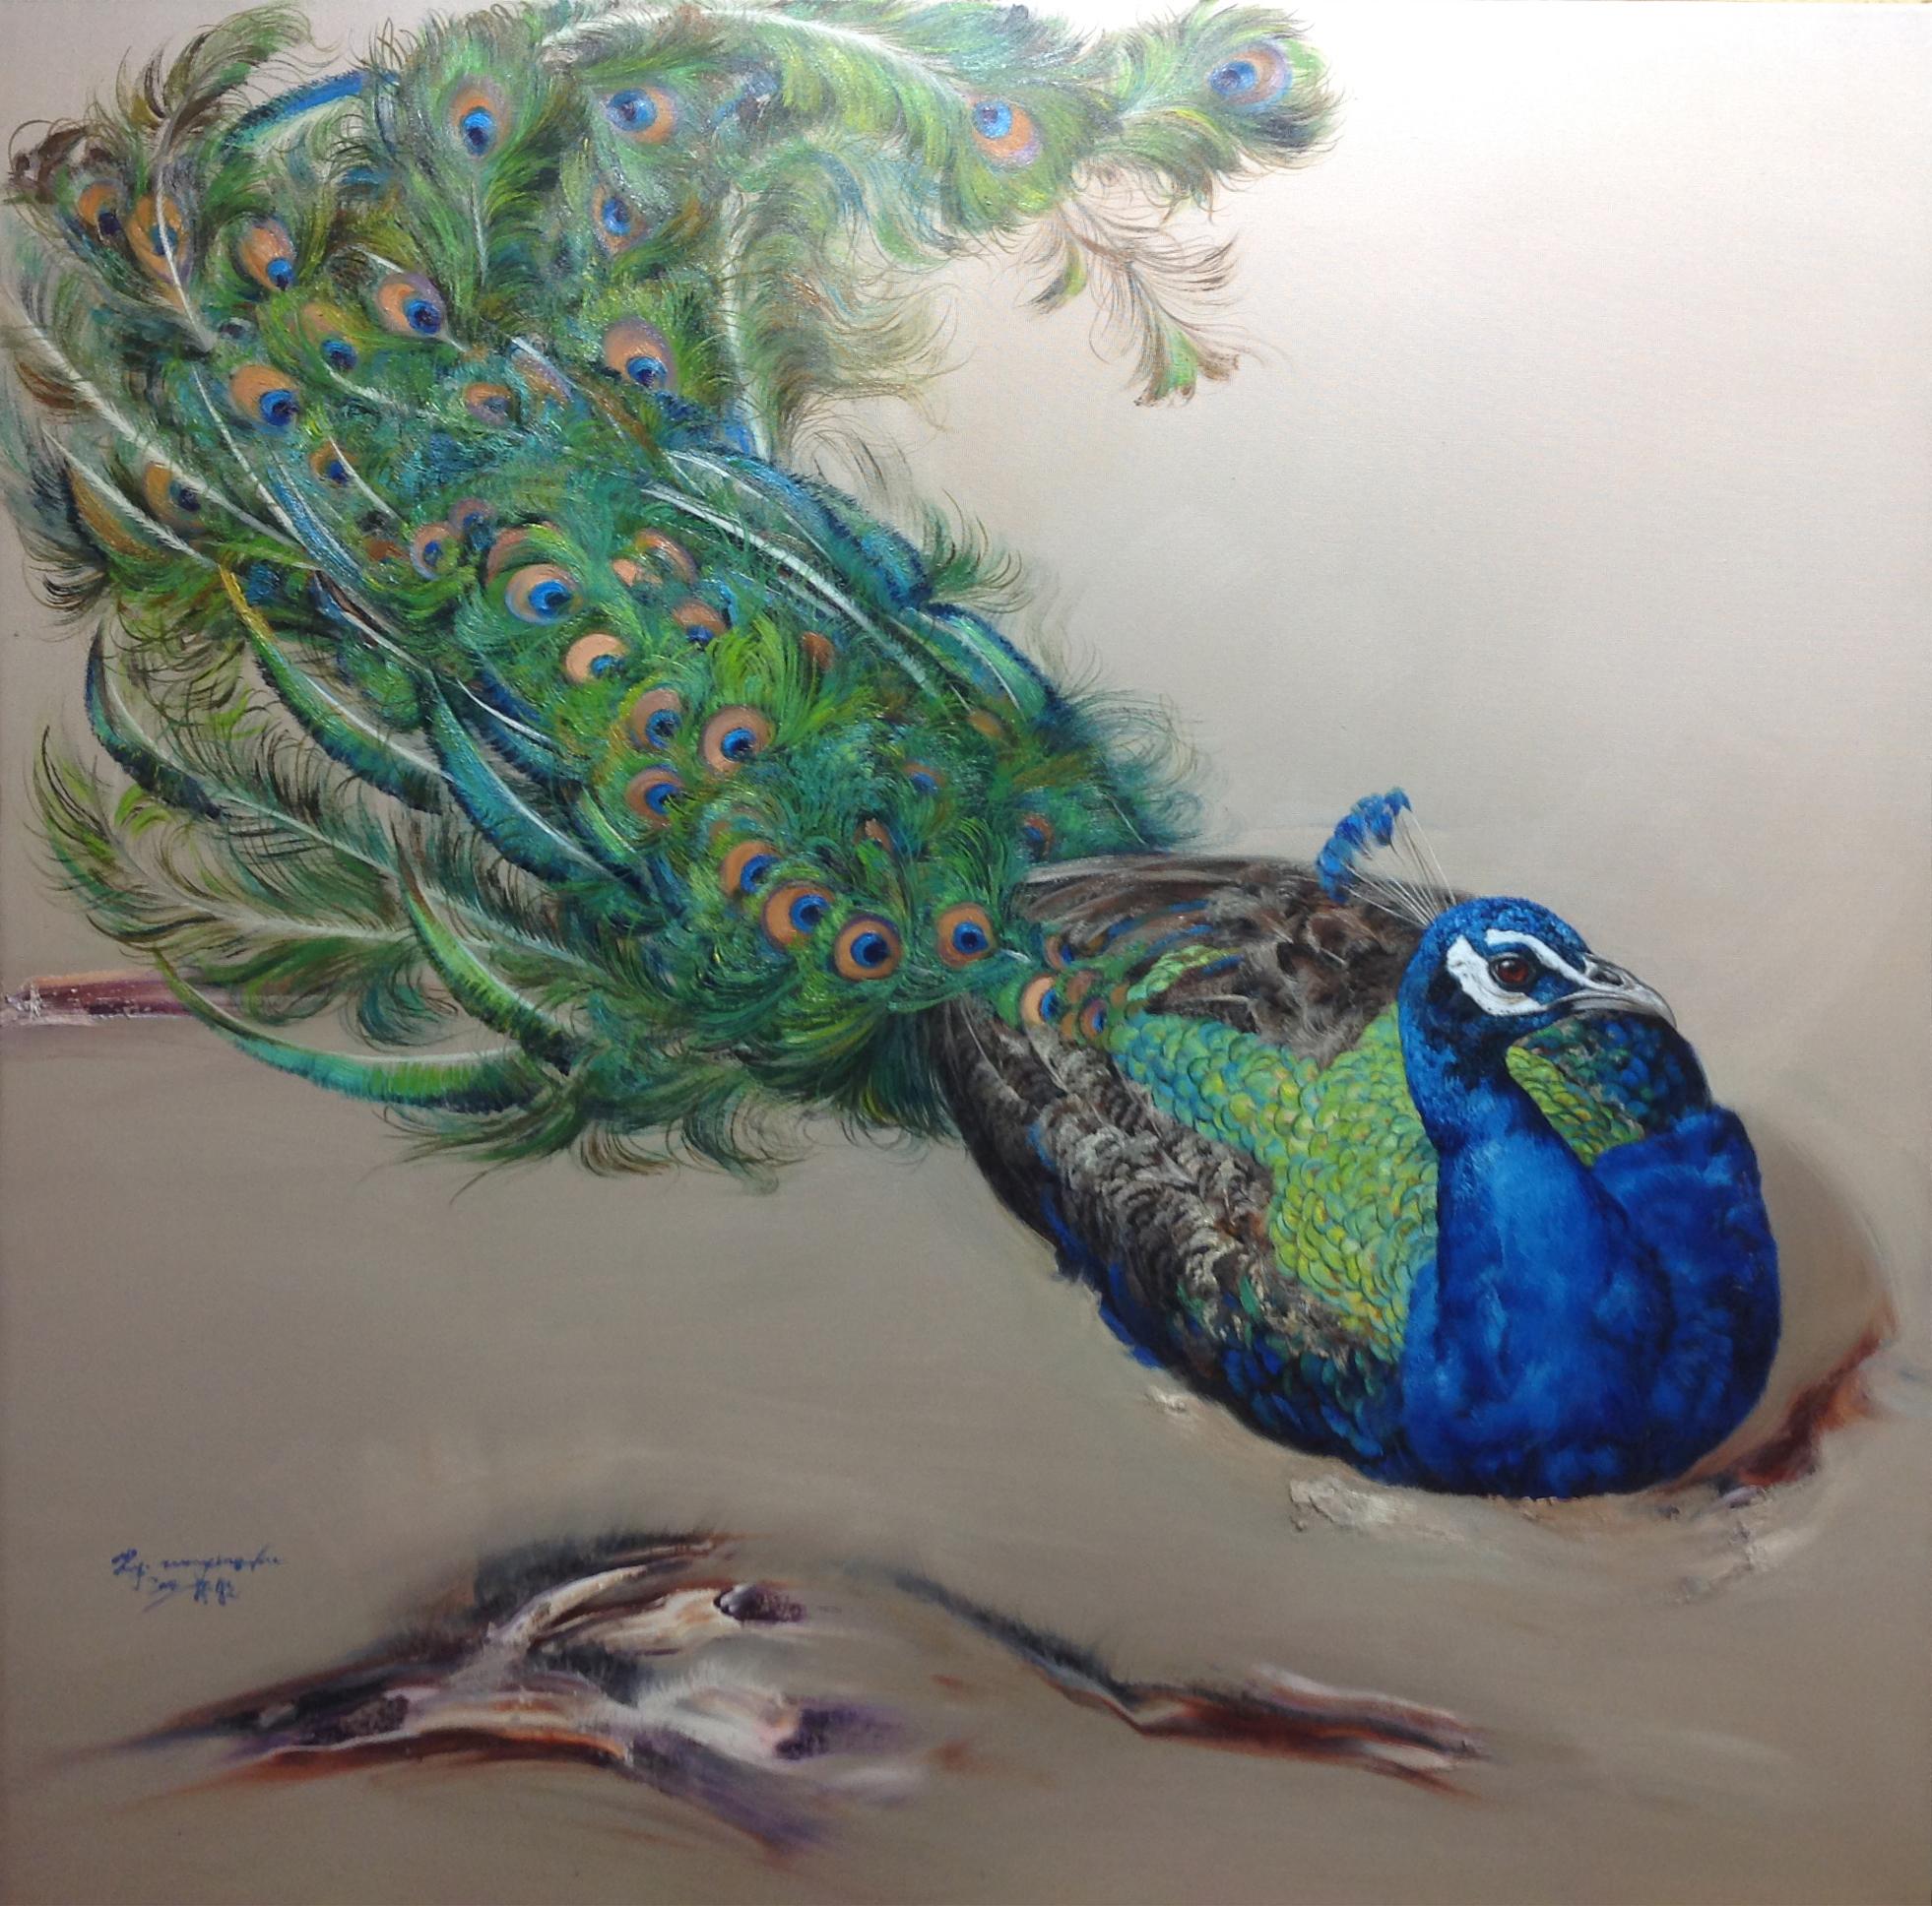 是画家以动物绘画艺术创作里程碑